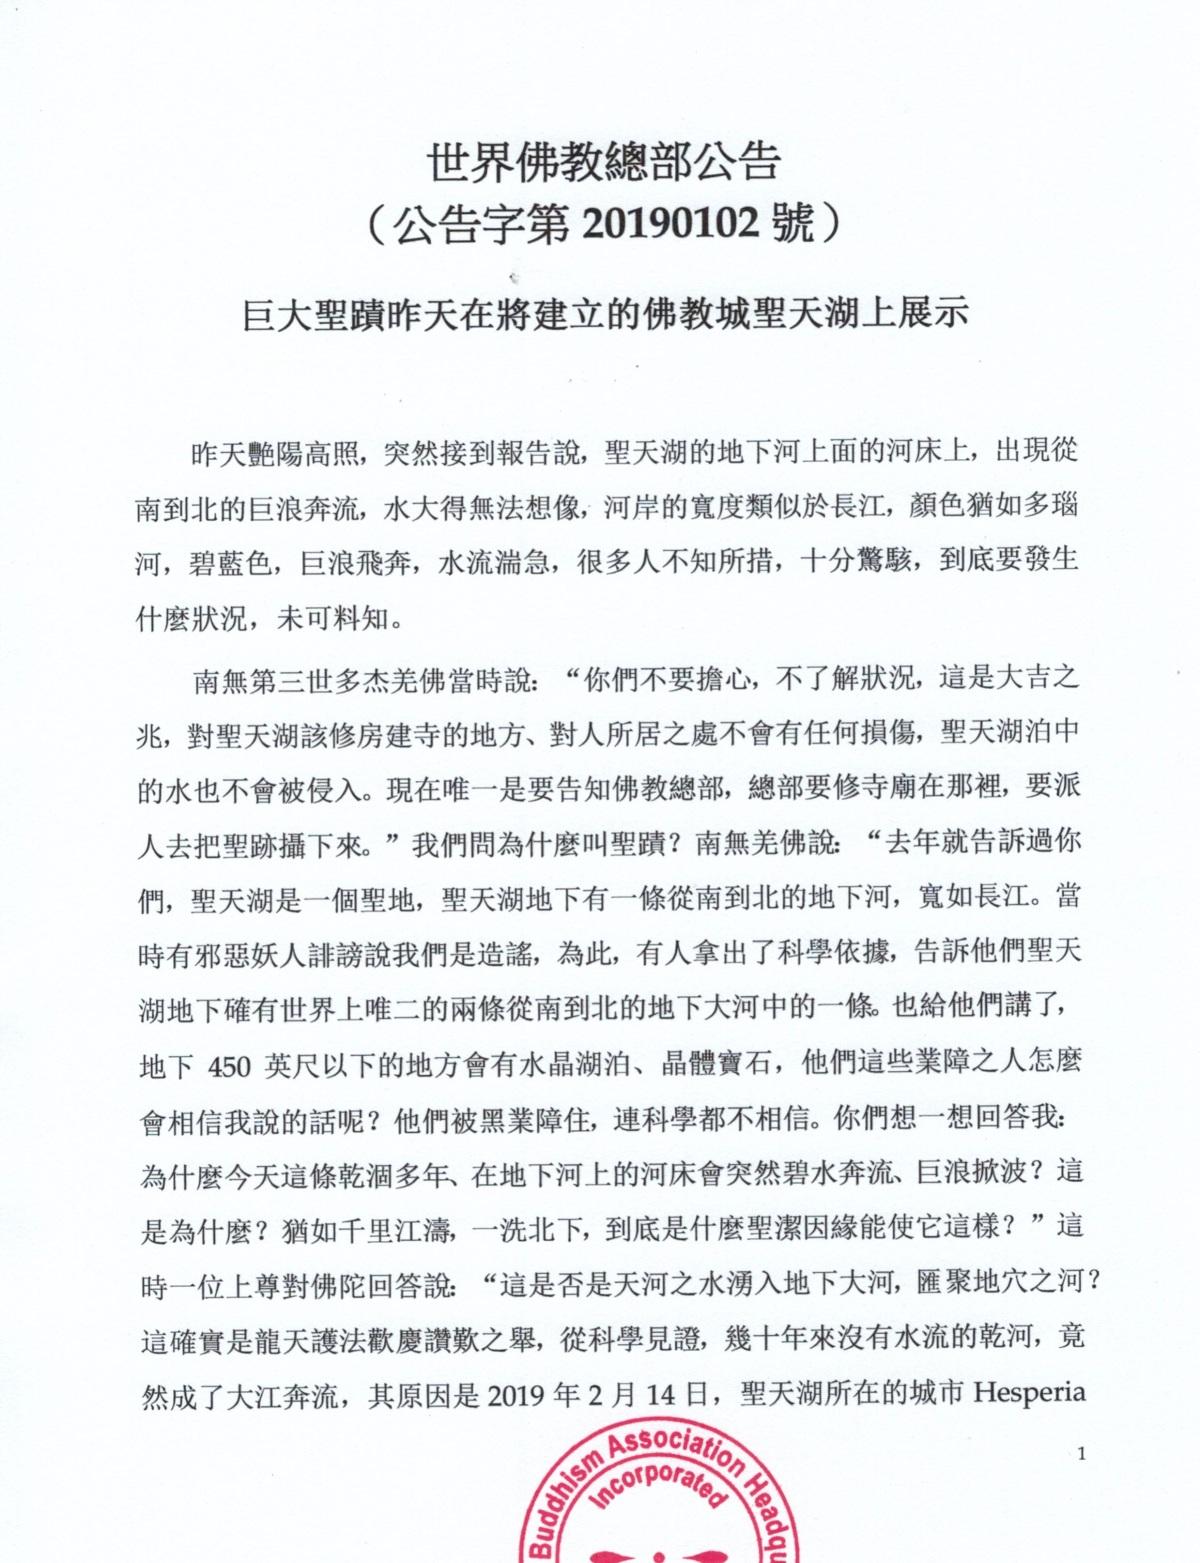 世界佛教總部公告(公告字第20190102號)1